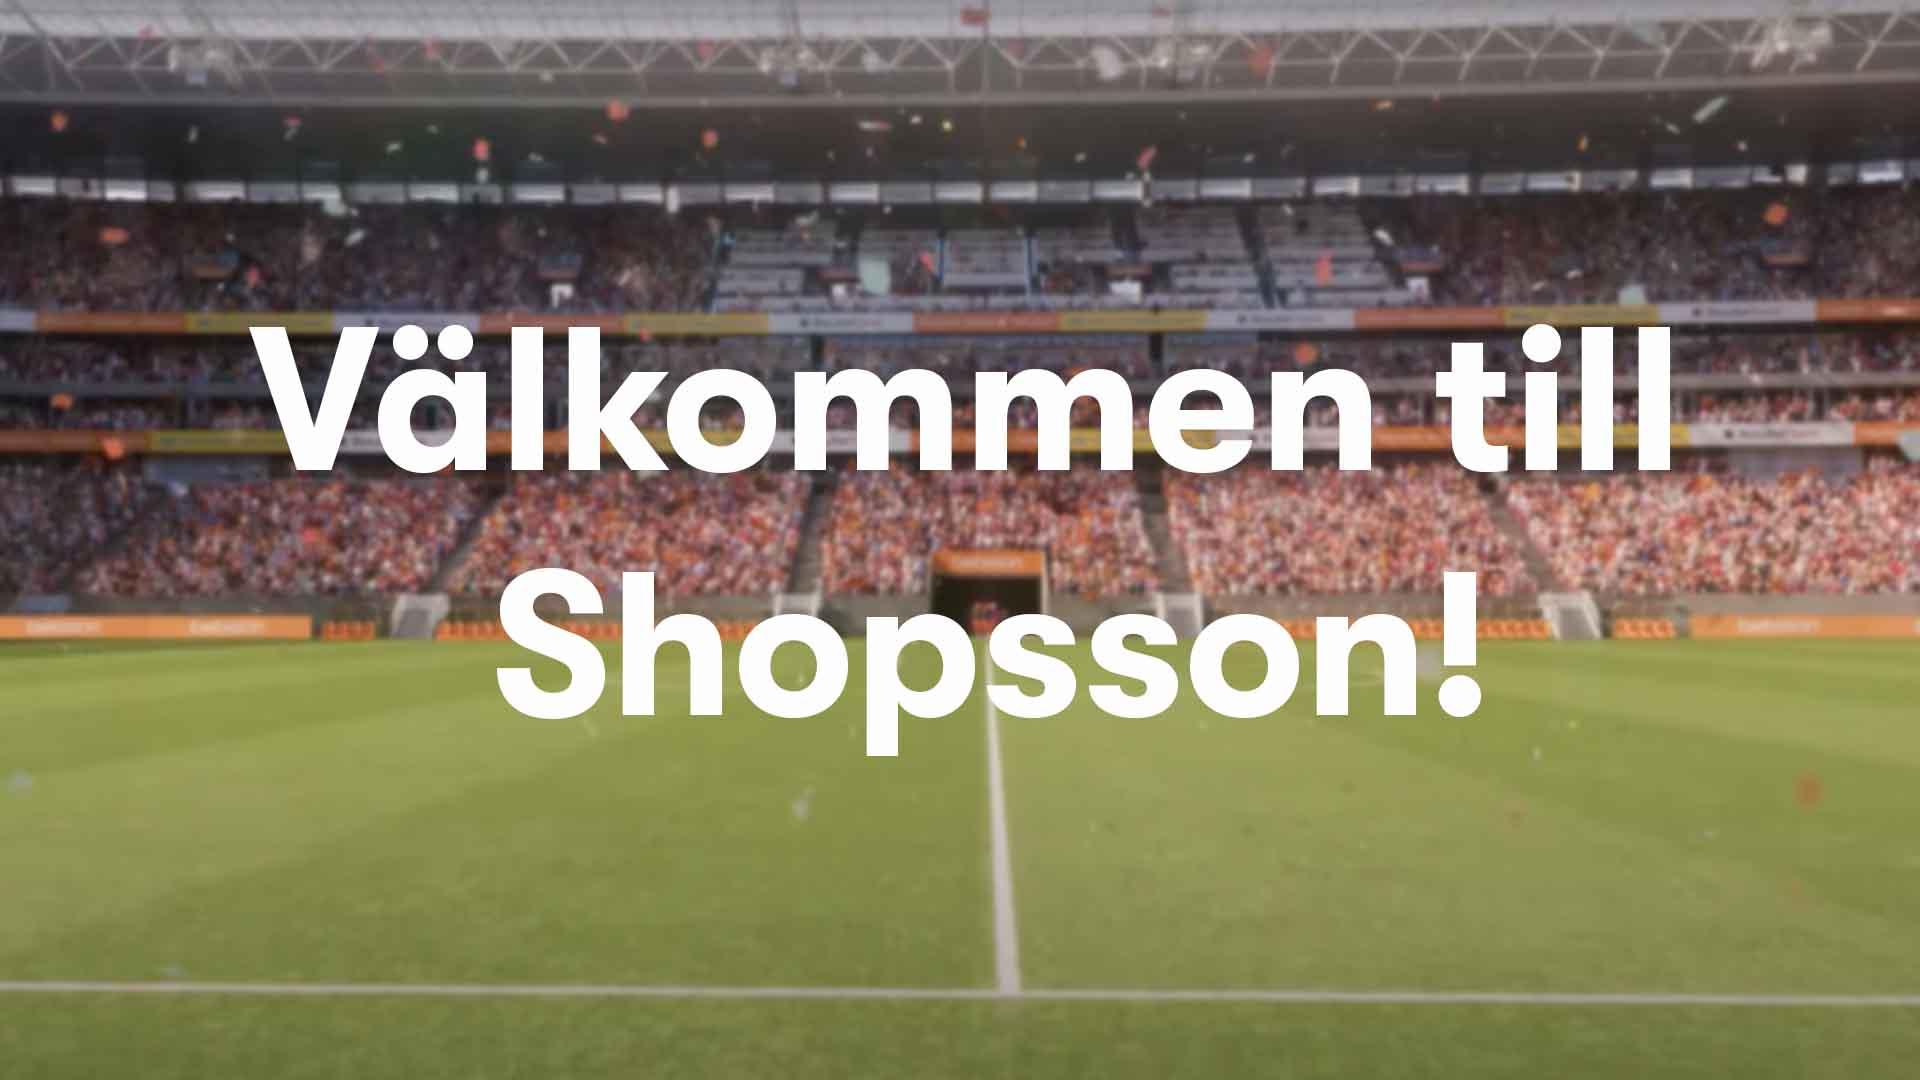 Shopsson